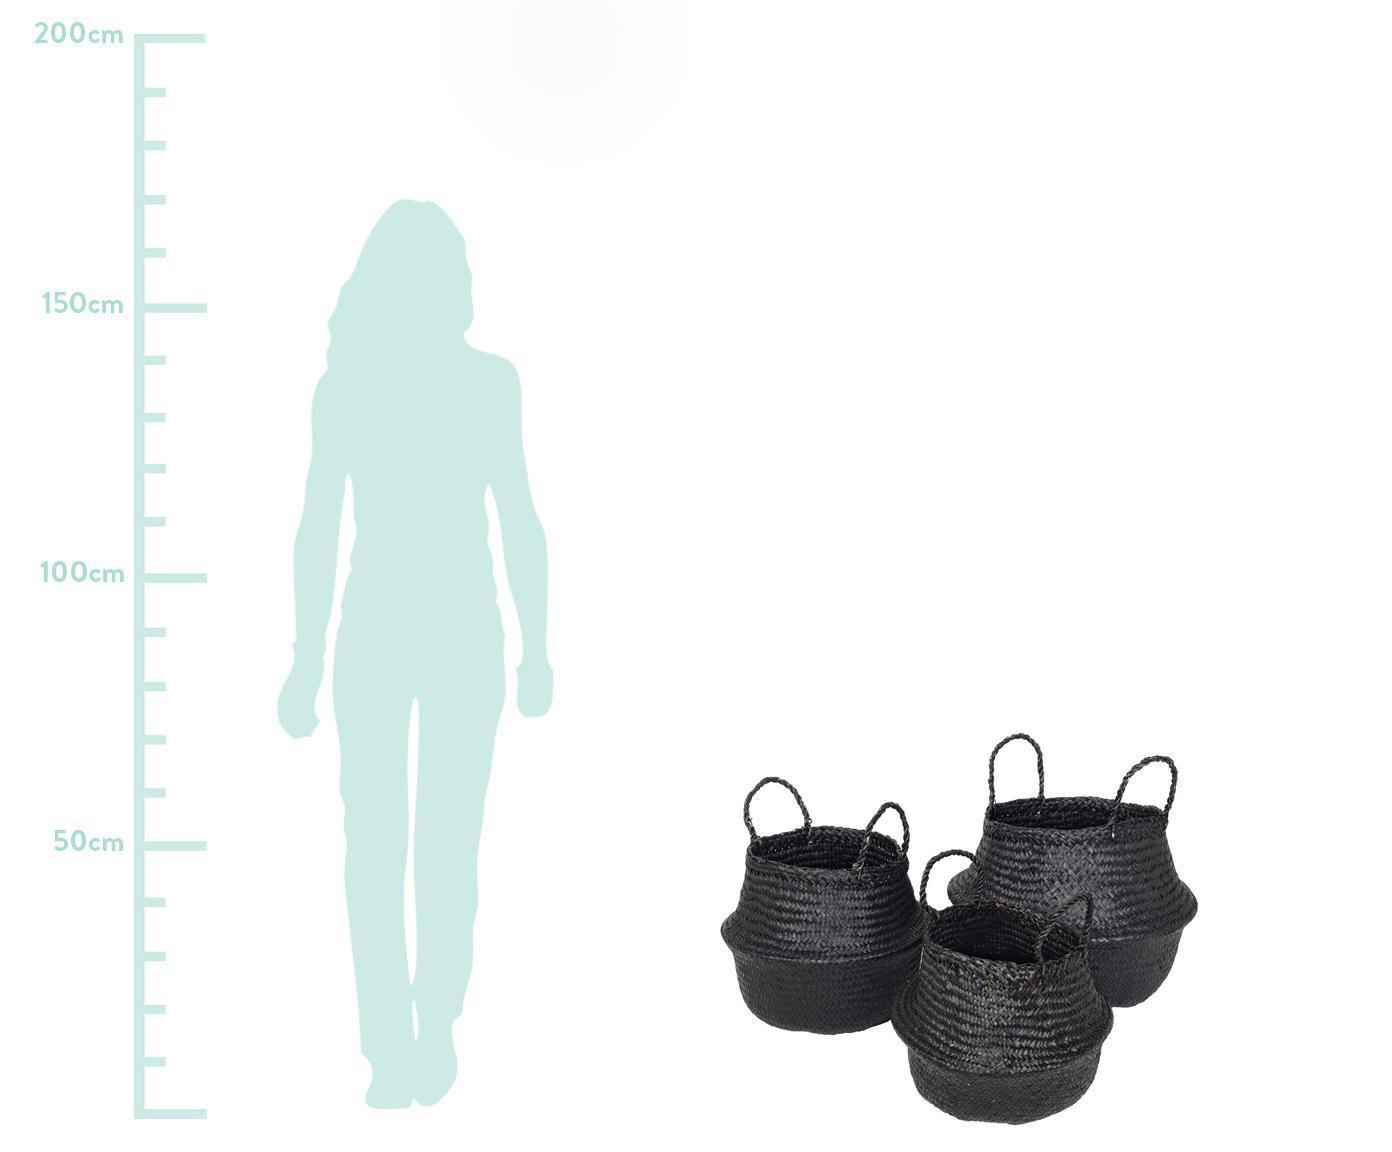 Aufbewahrungskorb-Set Ilse, 3-tlg., Seegras, geflochten, Schwarz, Sondergrößen